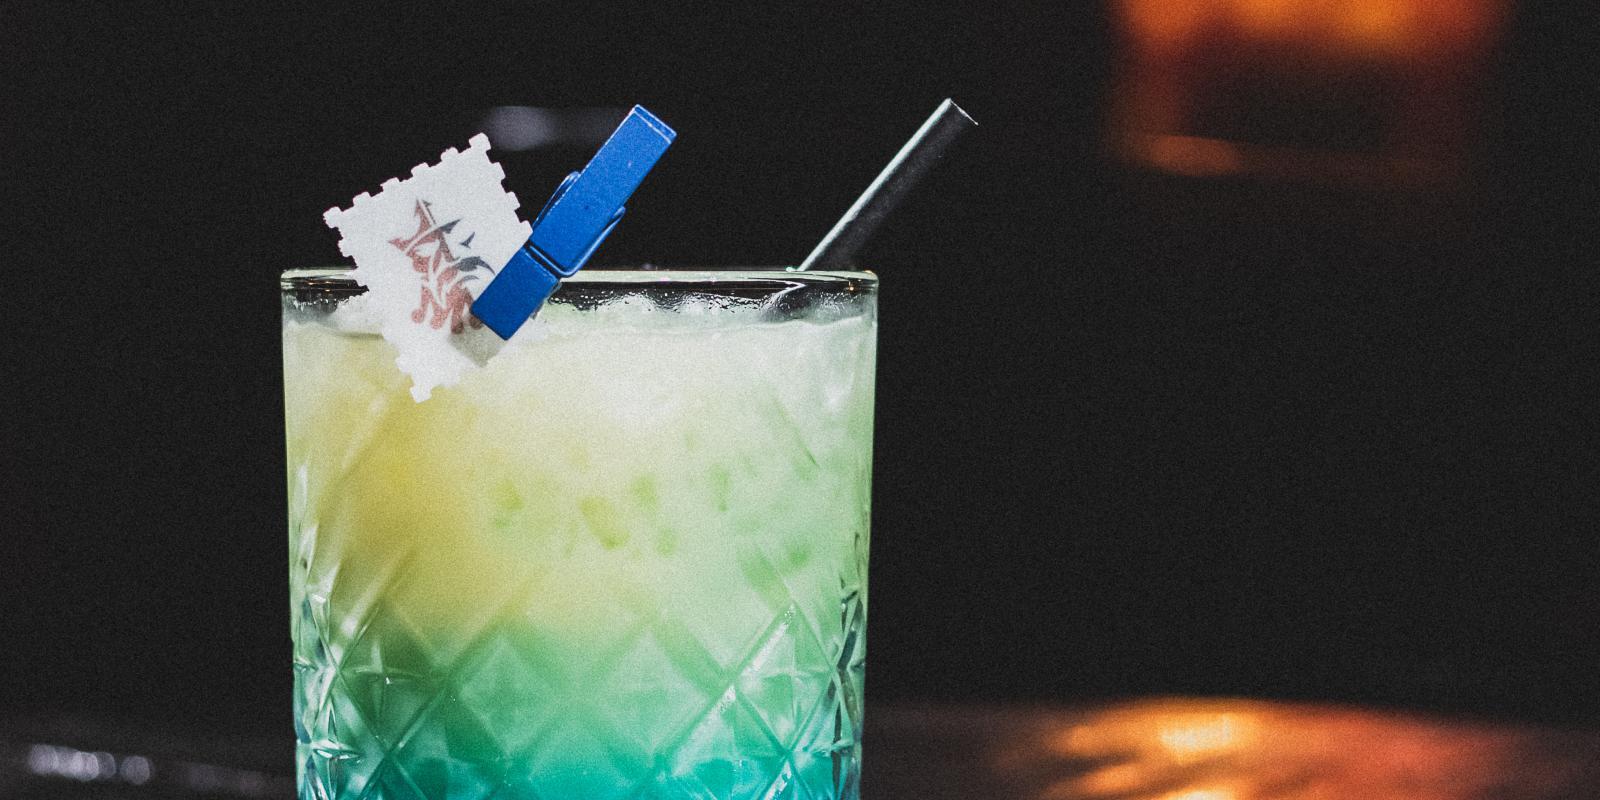 Image décrivant le produit Blue Hawaiian qui fait partie des Cocktails